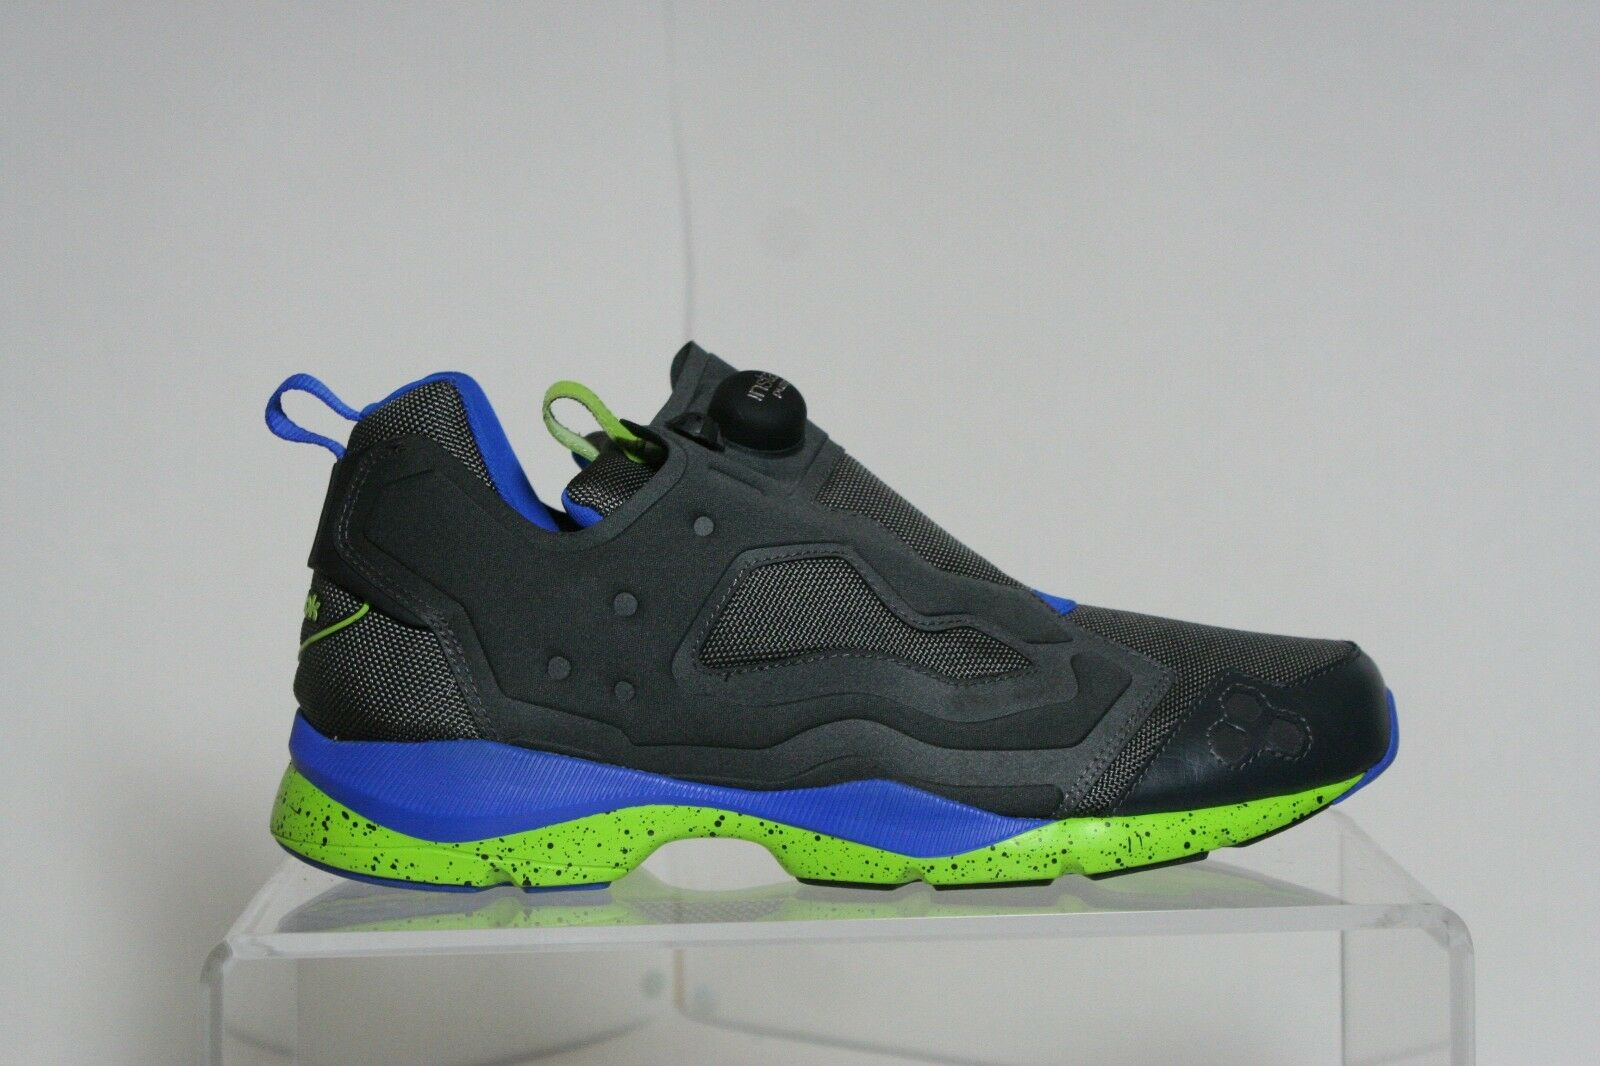 Reebok Insta Pump Sample Sneakers Sneakers Sneakers Athletic Hipster Multi Men's 9 Blue EUC a14ef7